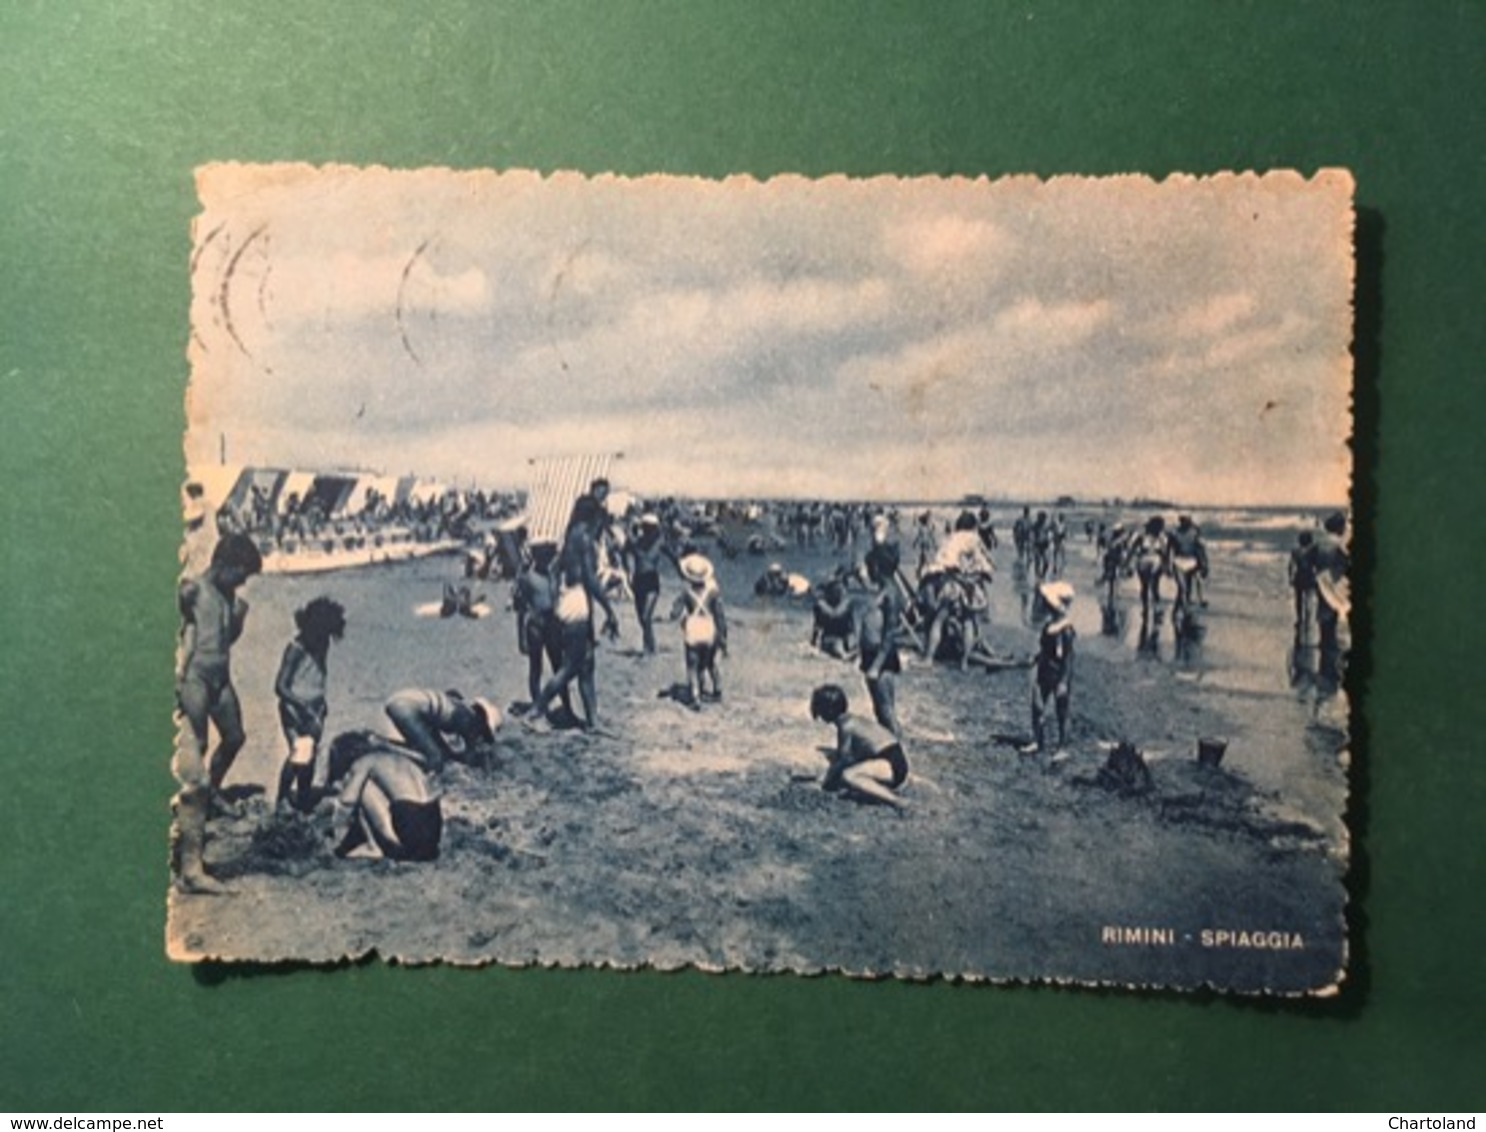 Cartolina La Riviera Di Rimini - Spiaggia - 1953 - Rimini